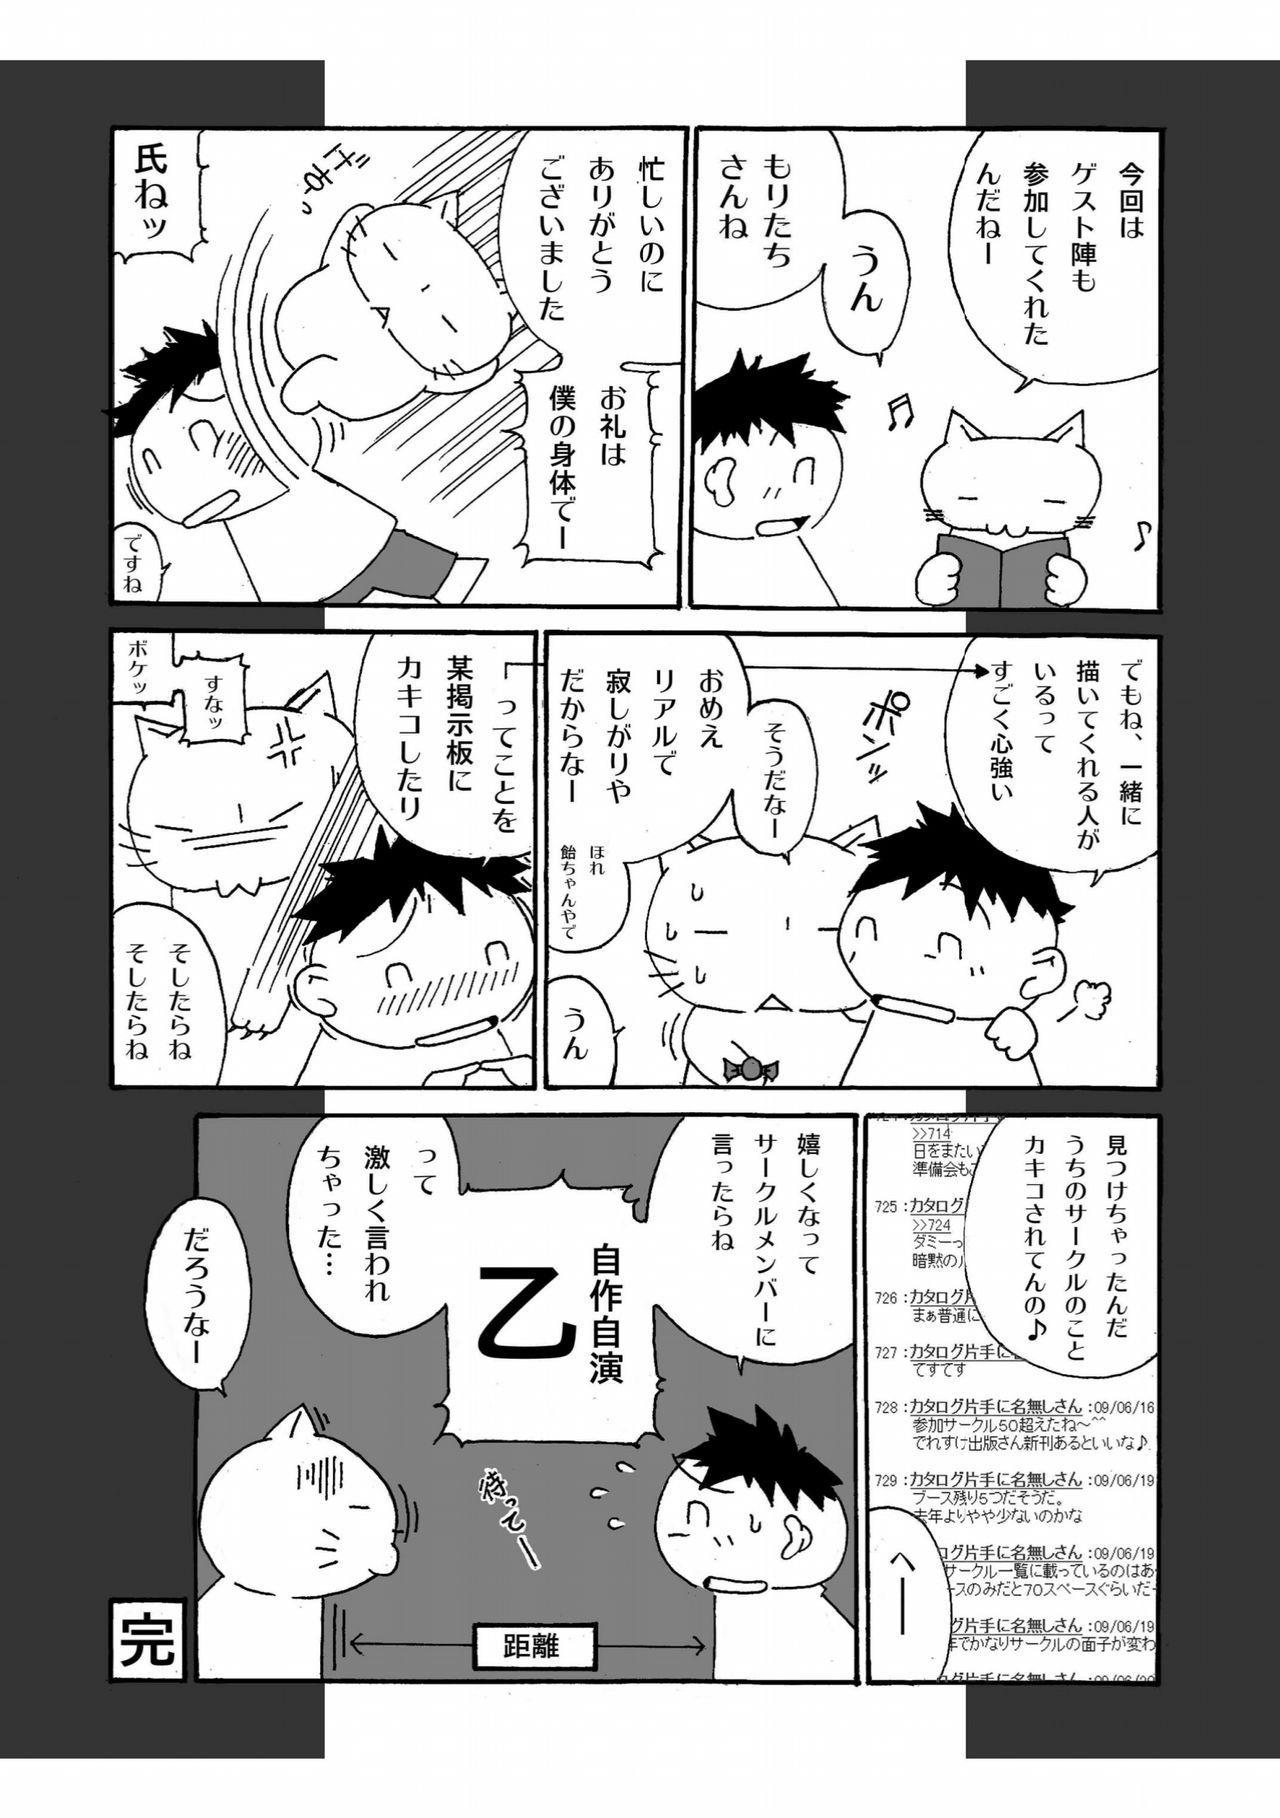 Torneko no Himitsu 28